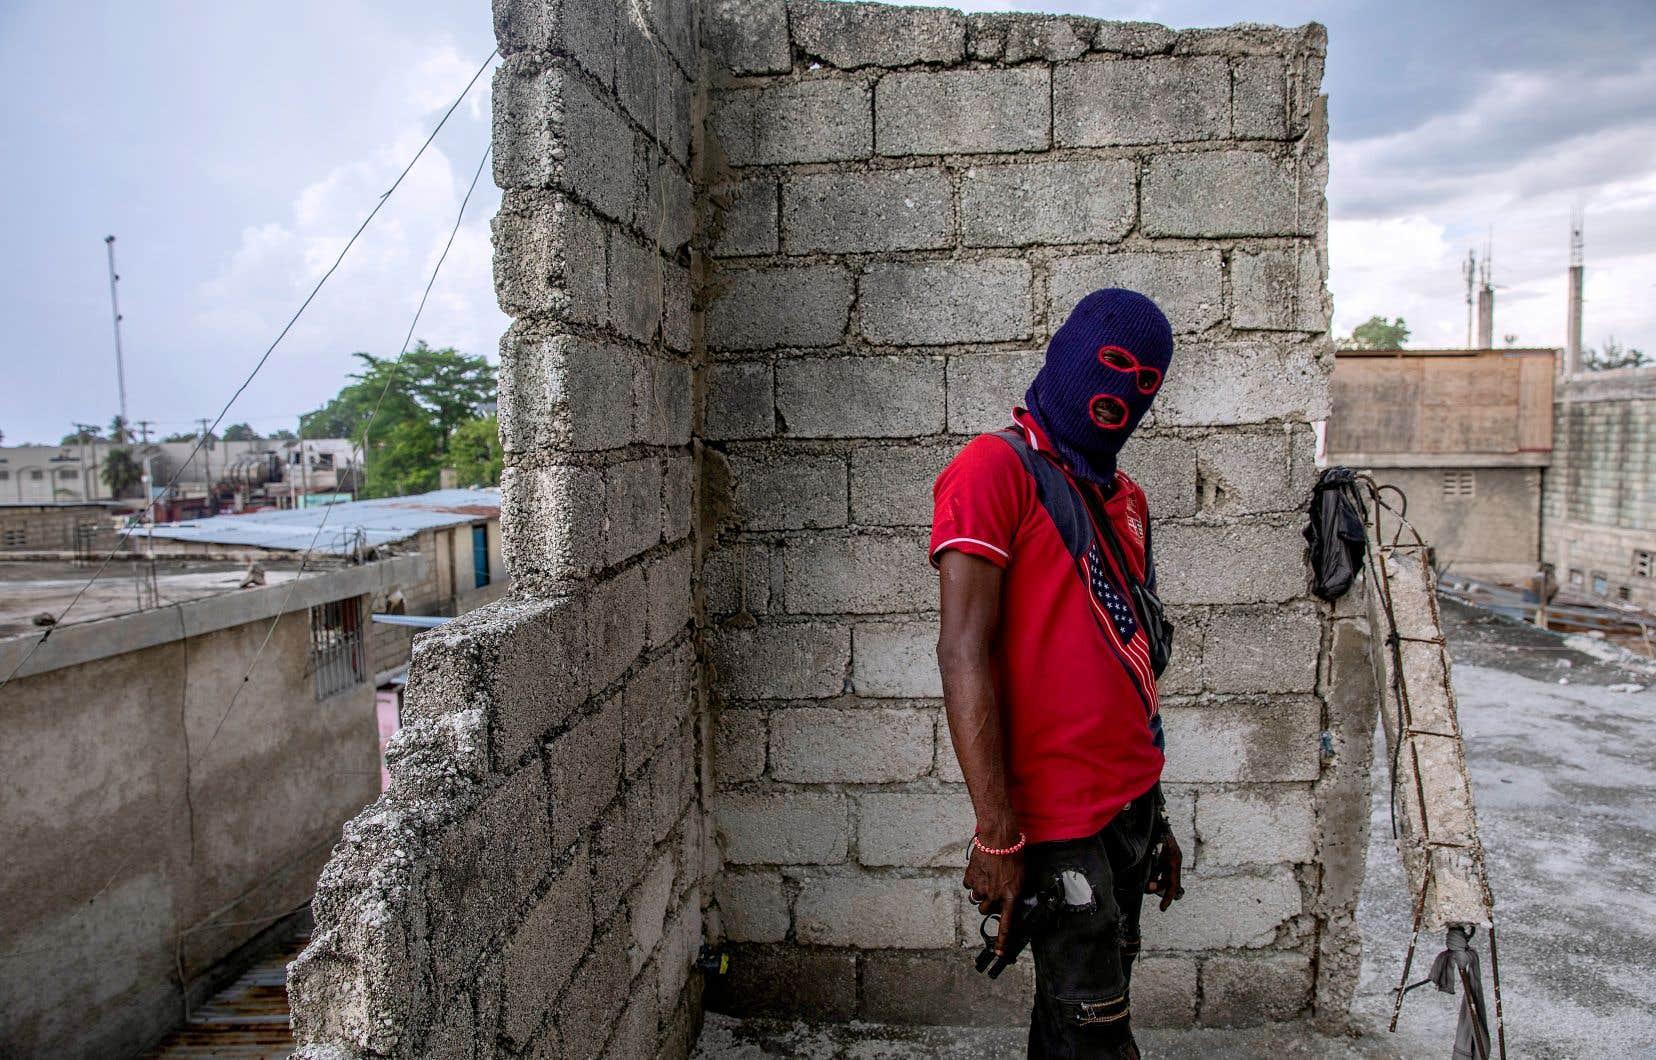 Cette réalité des cités où l'on vit sans eau, et sans électricité en dehors des prises illégales, où de jeunes hommes sont armés jusqu'aux dents, Dieu sait par qui, alors qu'ils vivent dans des maisons de tôle, est bien réelle dans l'Haïti d'aujourd'hui, explique Emmelie Prophète.